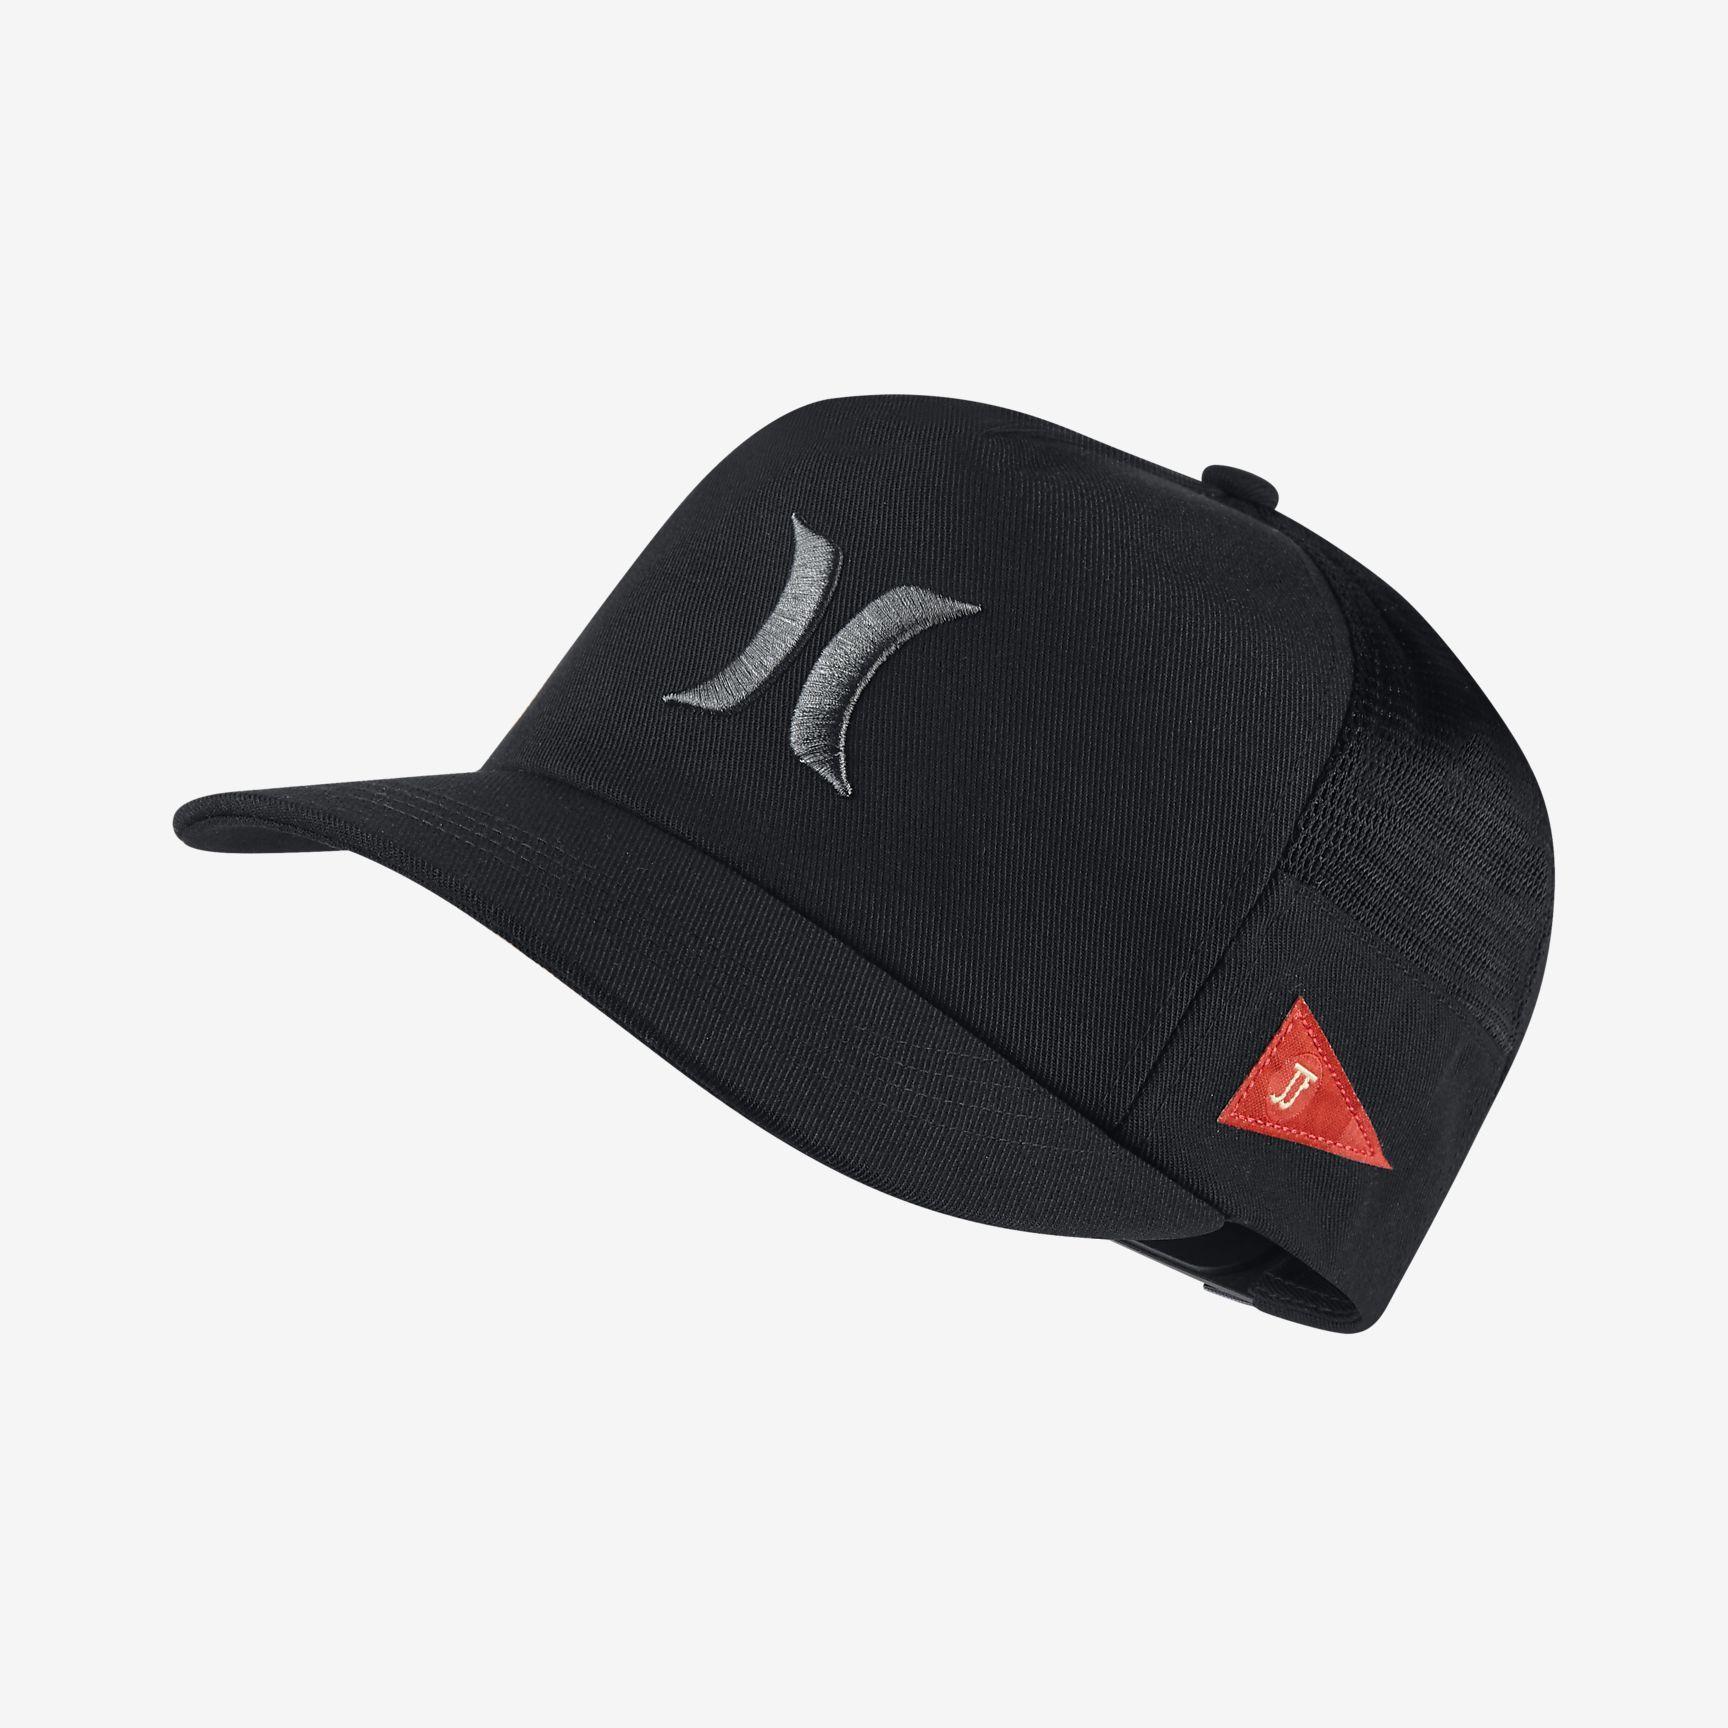 7d57b24ab819f Hurley Jacare Dri-FIT Unisex Adjustable Hat